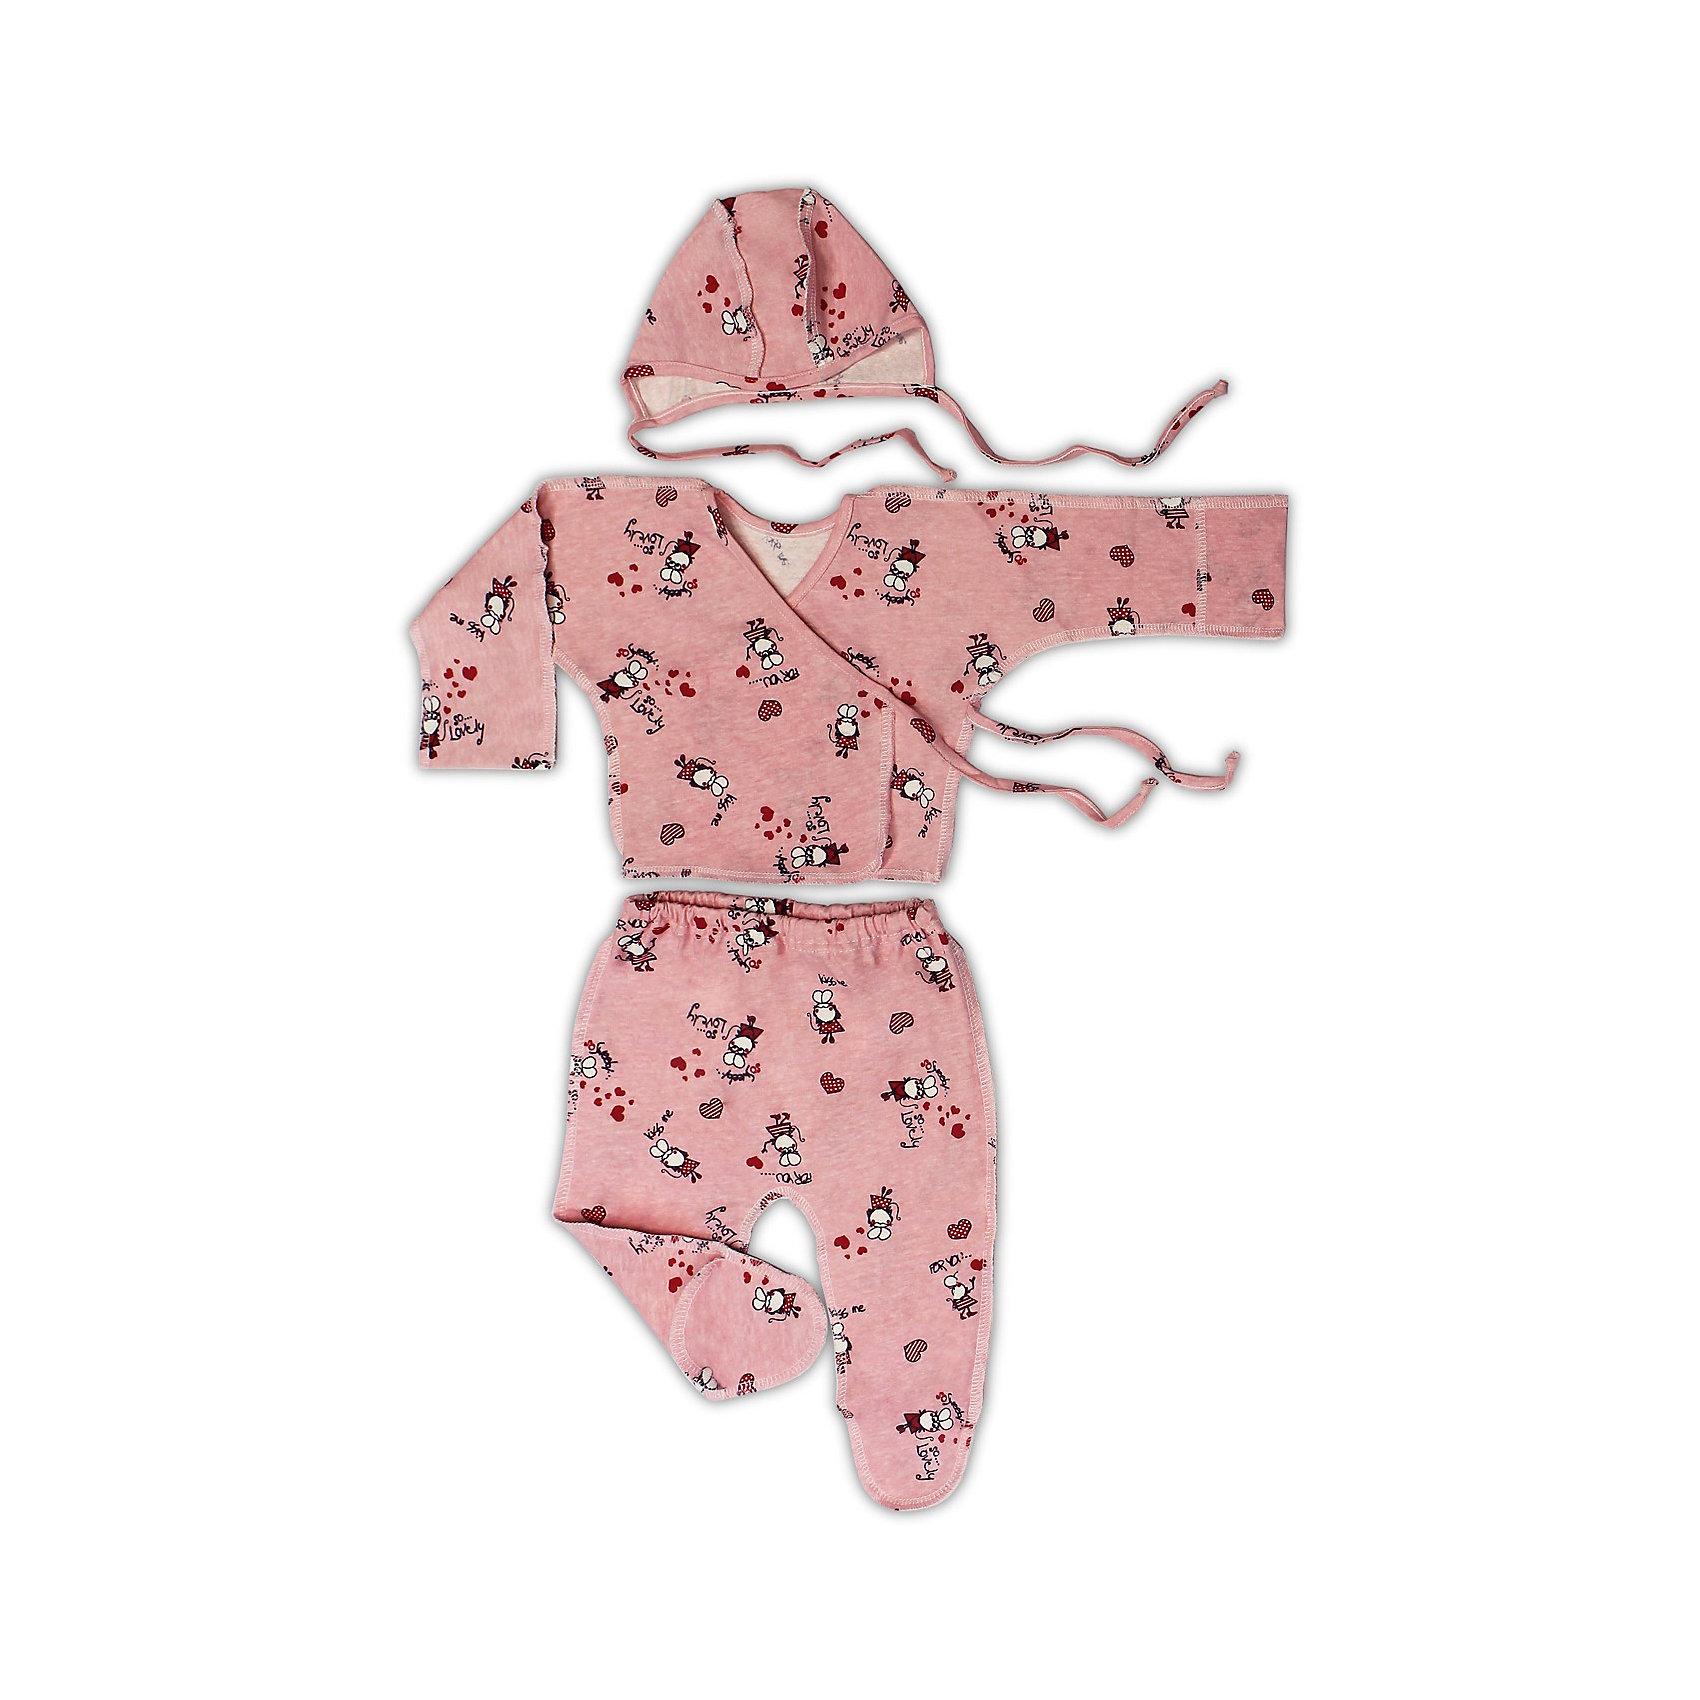 ФЭСТ Комплект стерильного белья для новорожденного ФЭСТ фэст комплект белья